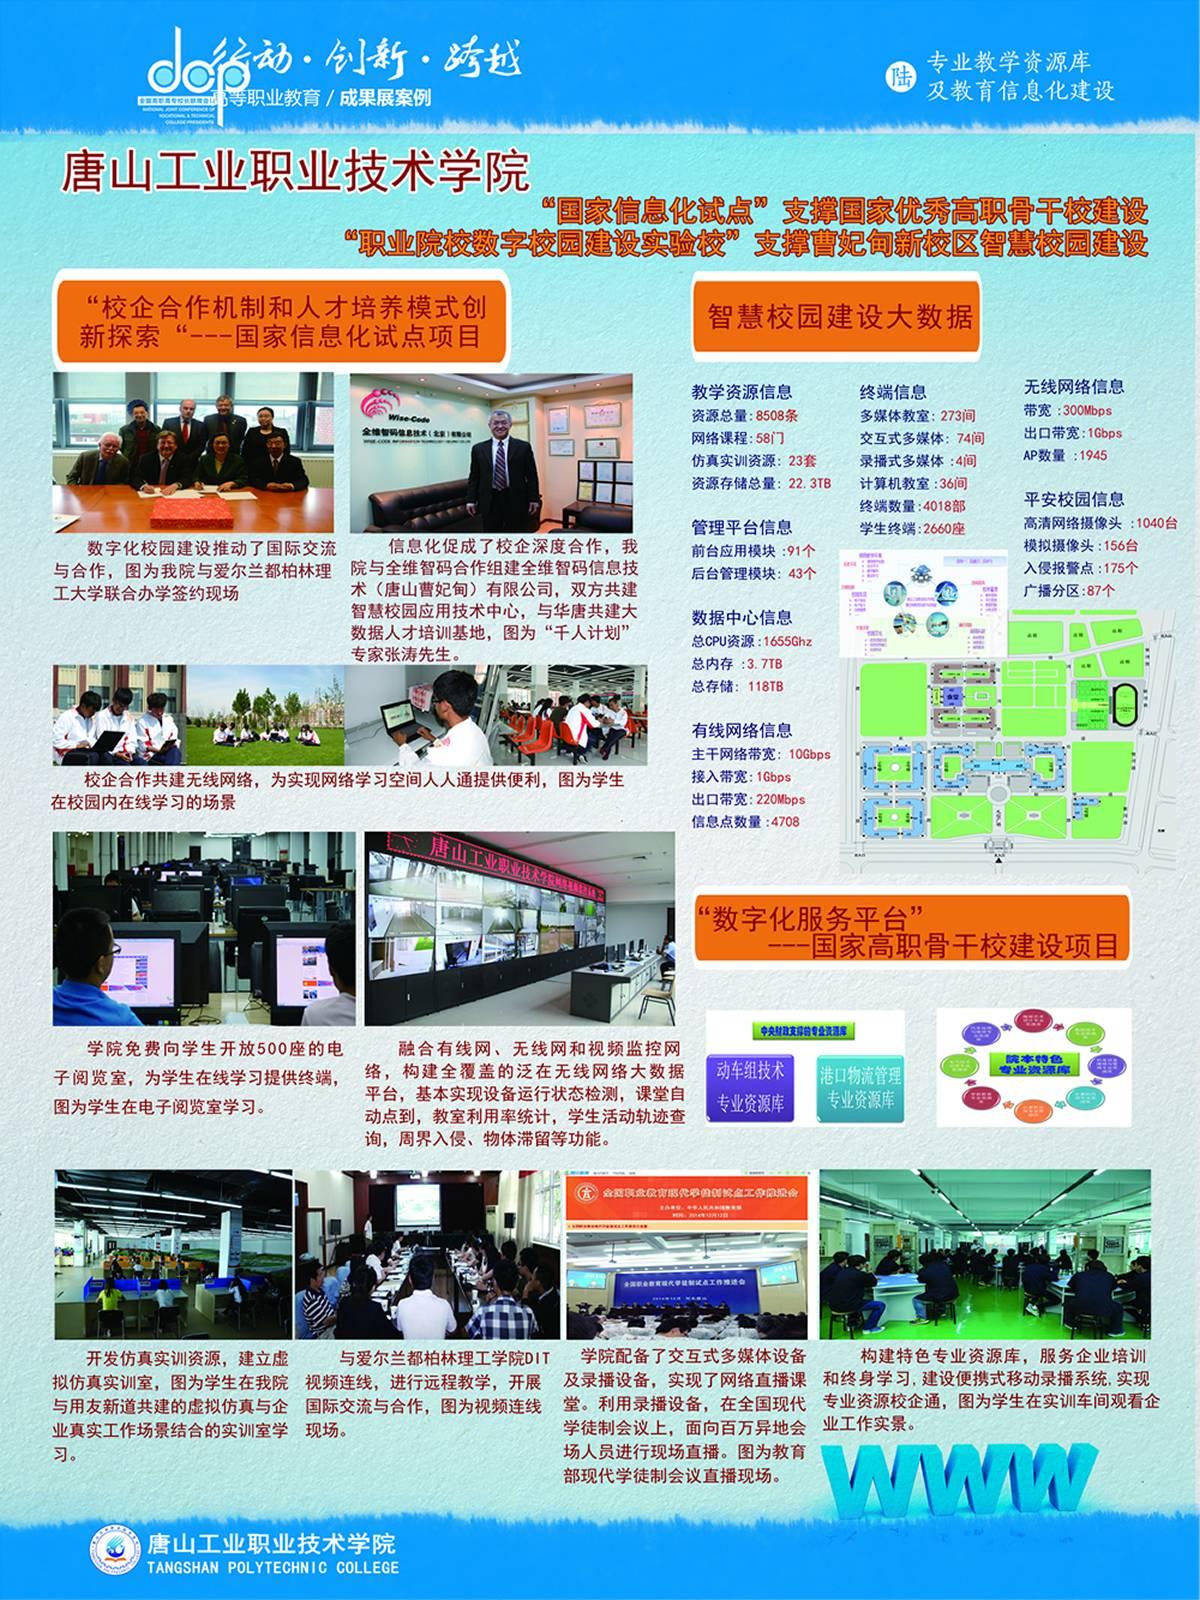 唐山工业职业技术学院+宣传展板+信息化建设++用这个.jpg